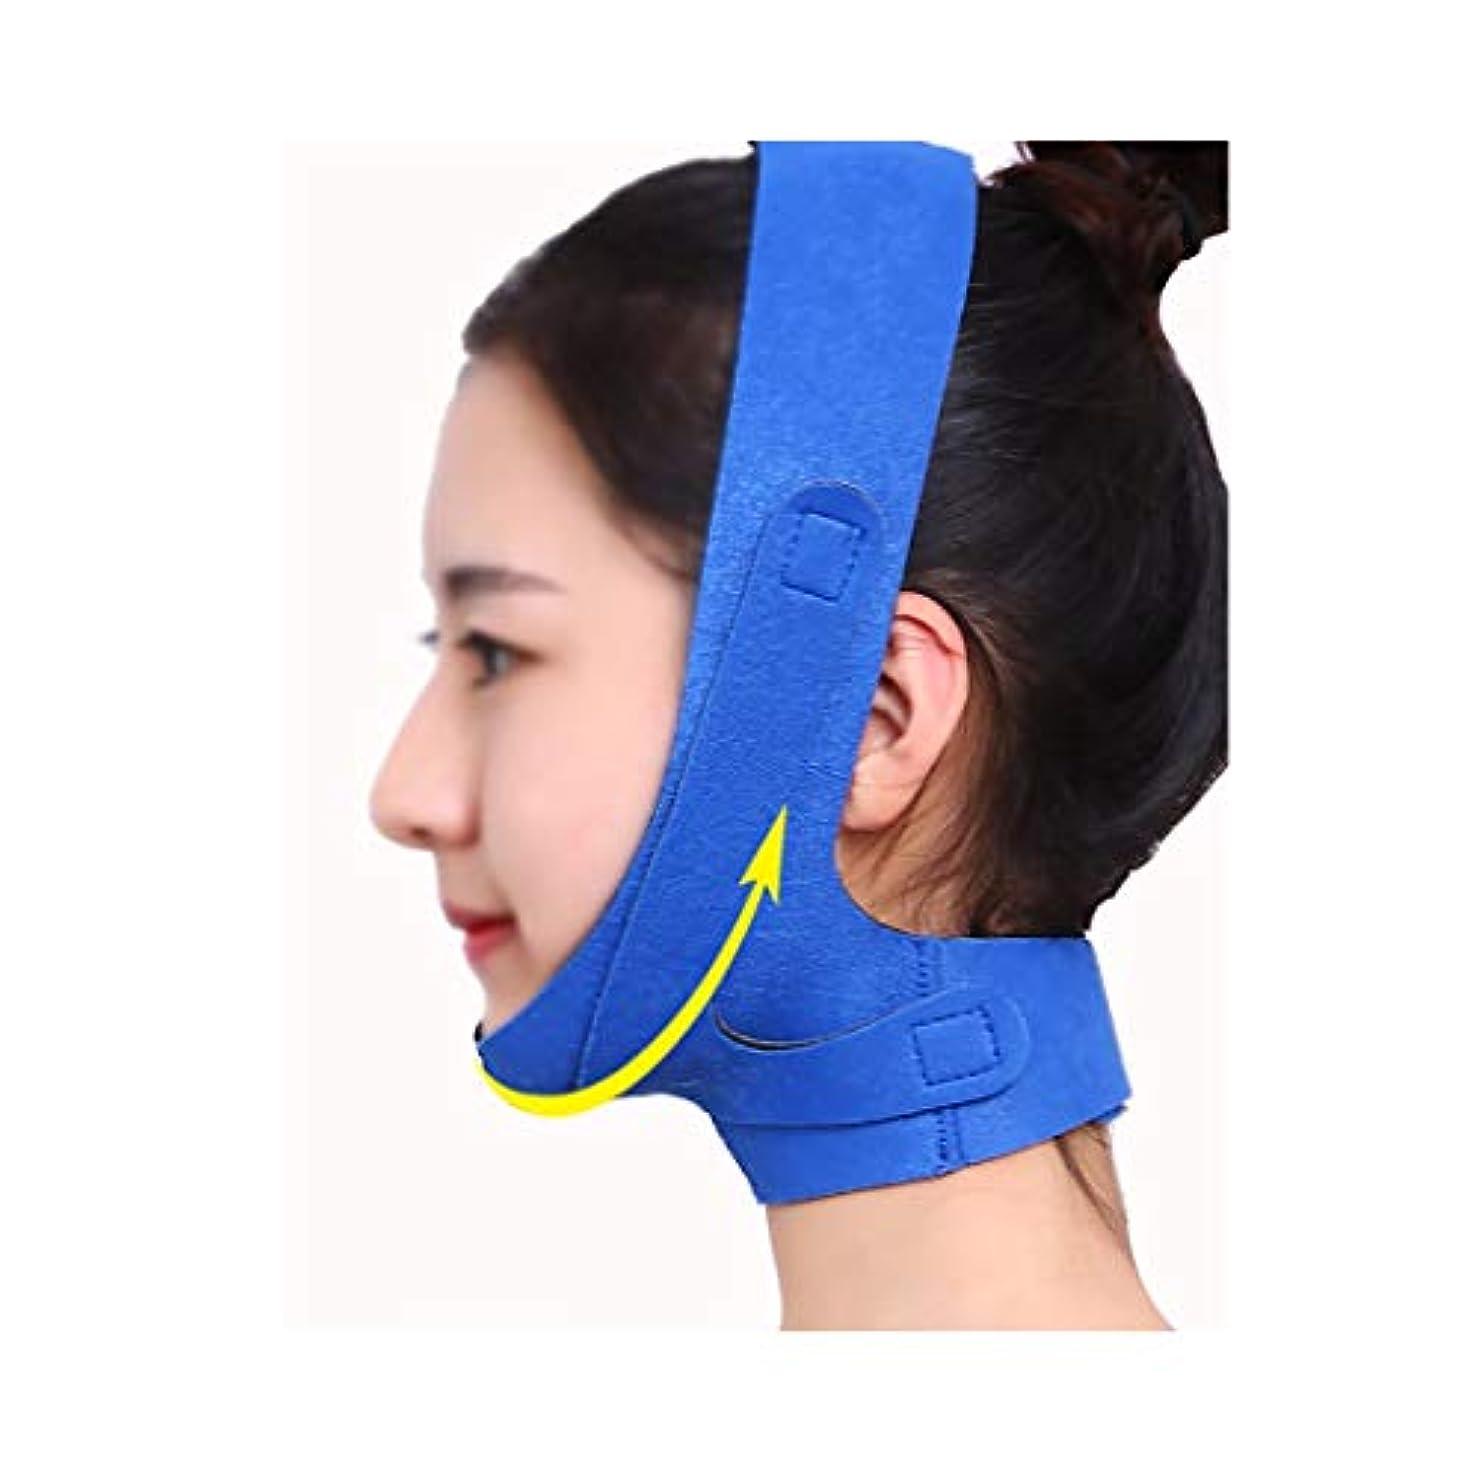 に対して通常アライメントTLMY 薄い顔マスクあごを回復包帯睡眠薄い顔包帯薄い顔マスクフェイスリフトアーチファクト小さいV顔薄い顔美容マスク包帯青い顔マスク 顔用整形マスク